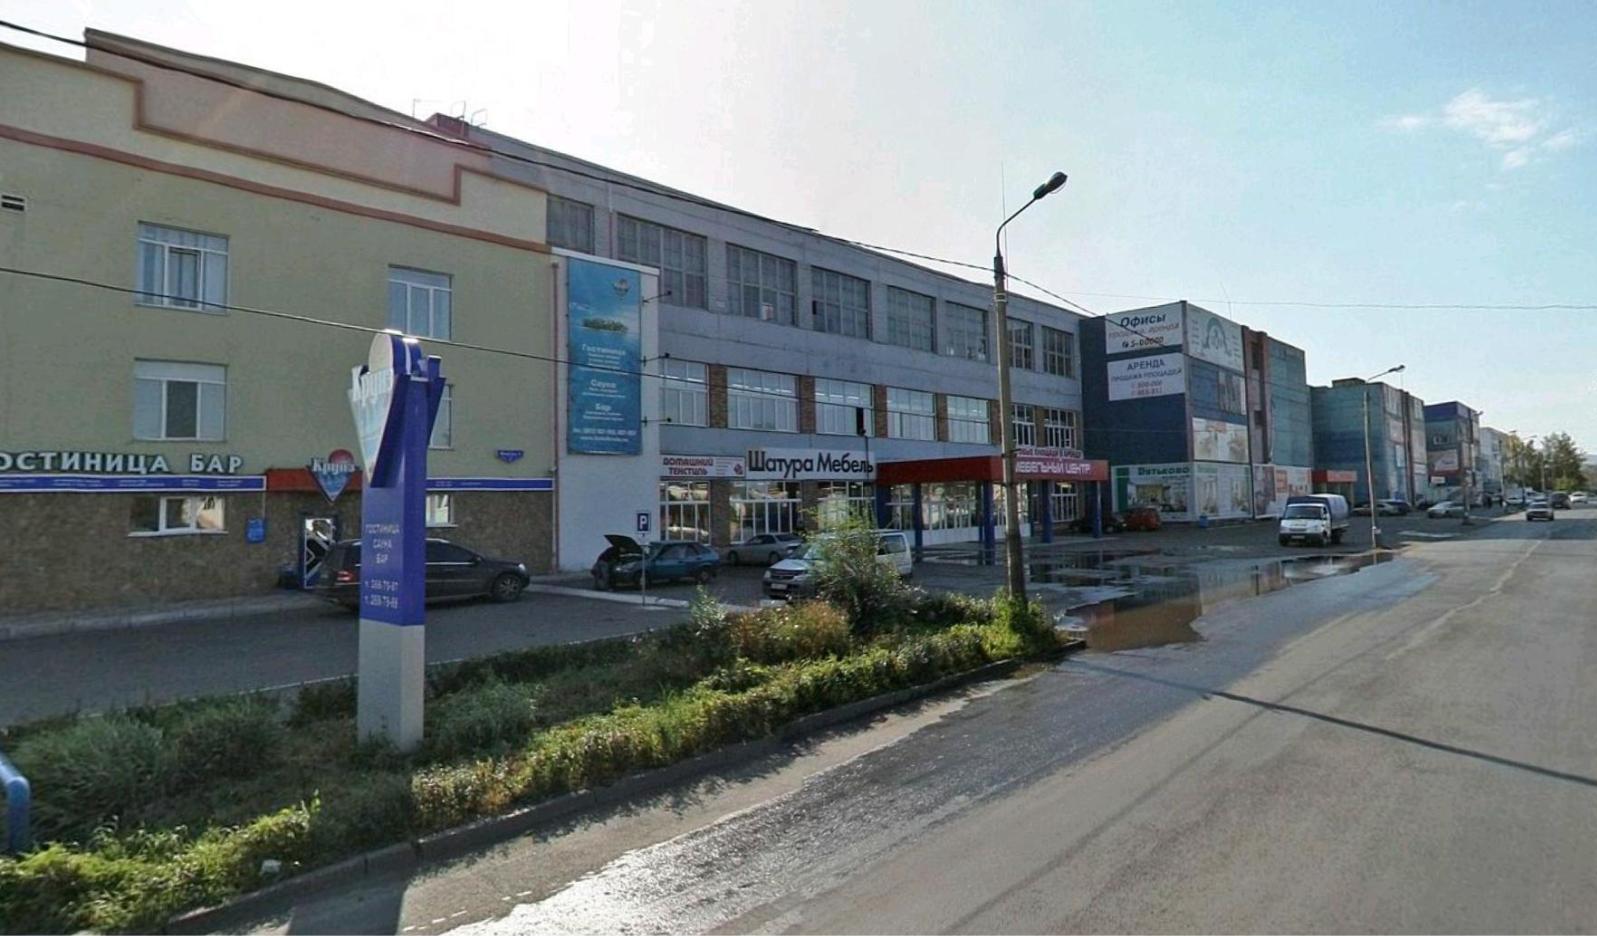 Коммерческая недвижимость г красноярске аренда офиса Москва горького 72